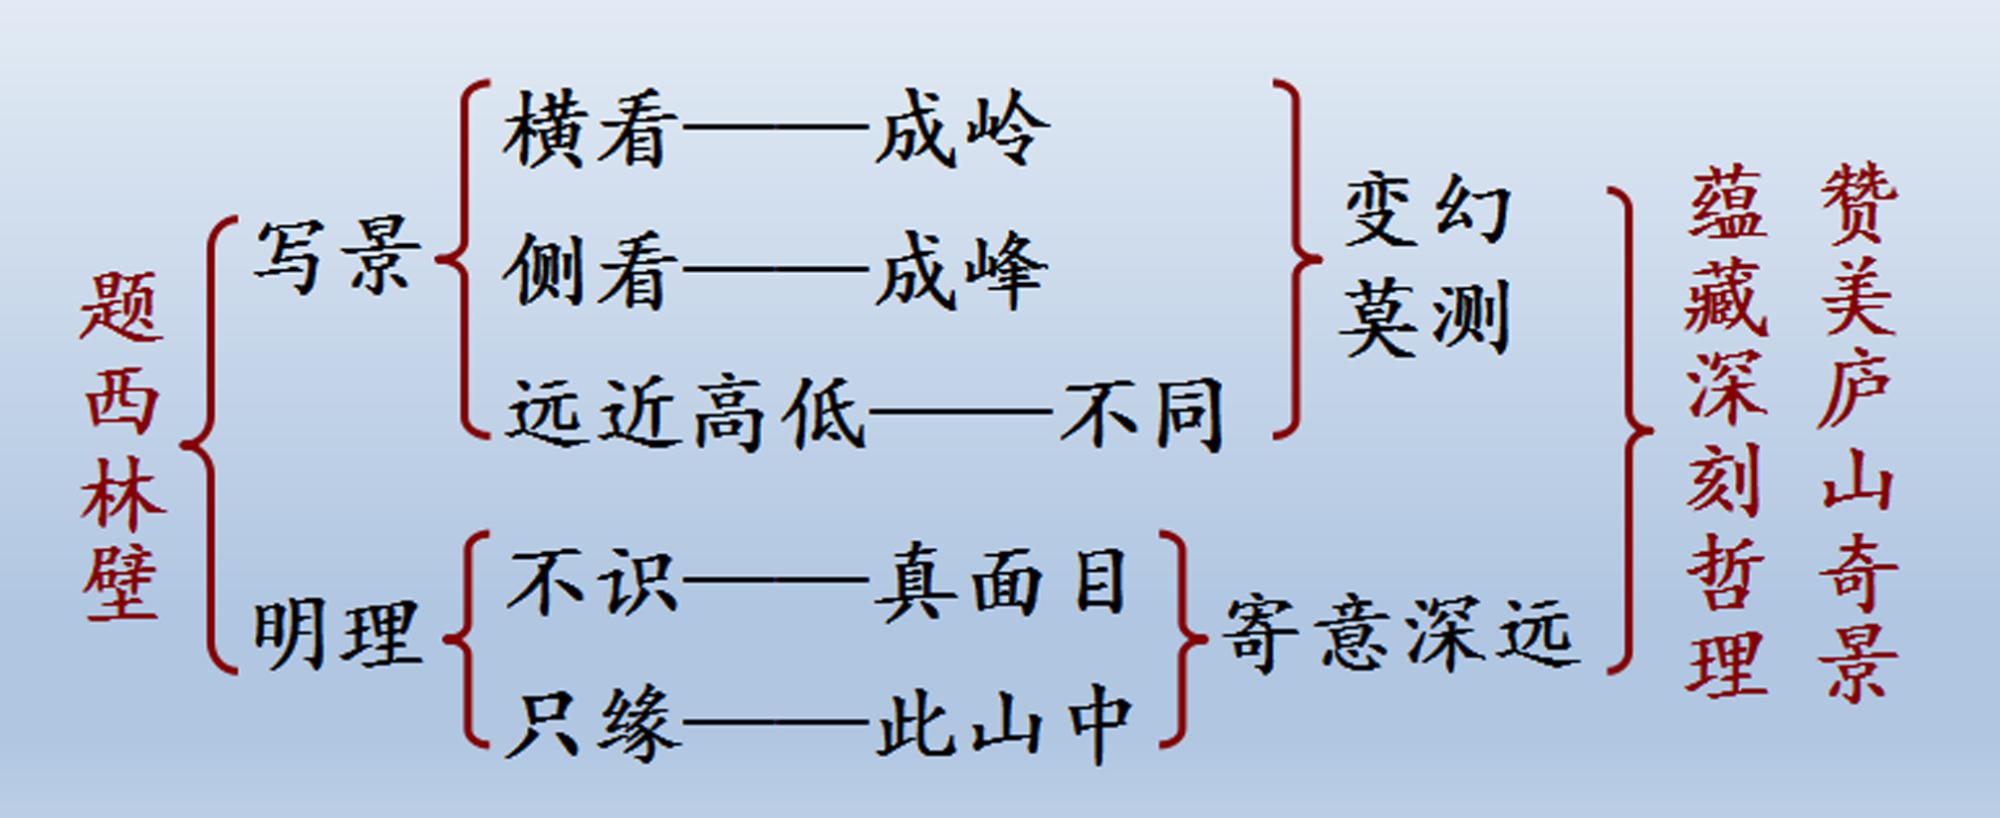 题西林壁的诗意(题西林壁诗意注释20字)